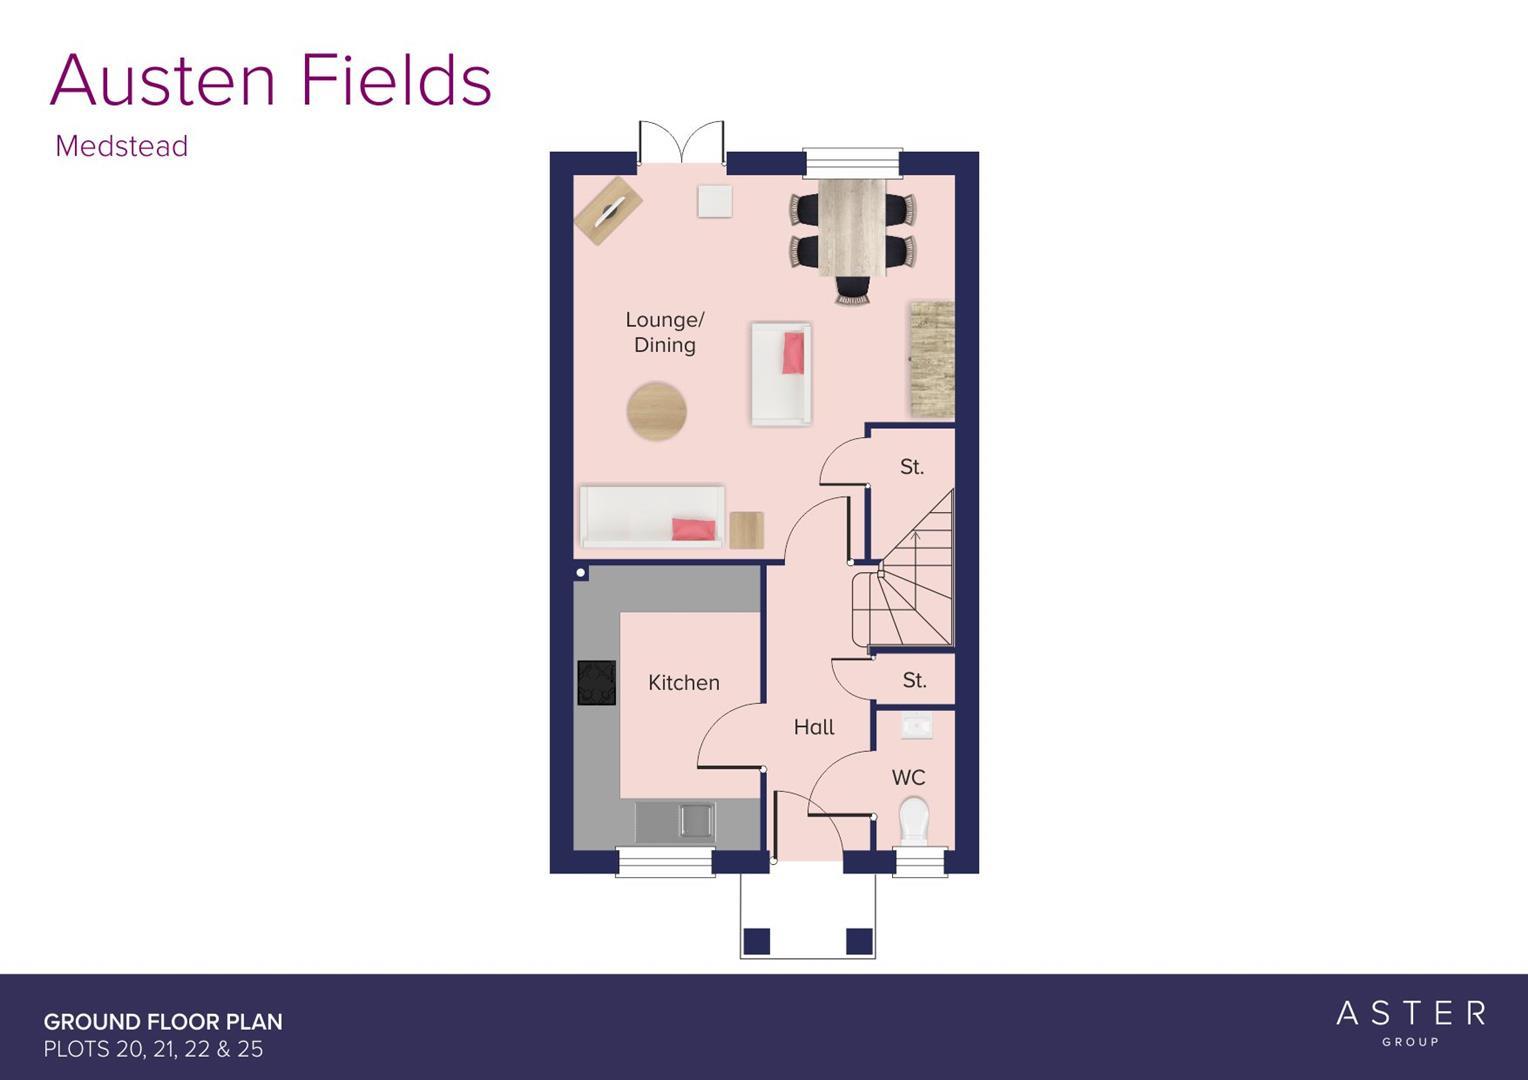 Austen Fields, Medstead_Plots 20, 21, 22 & 25_GF_F